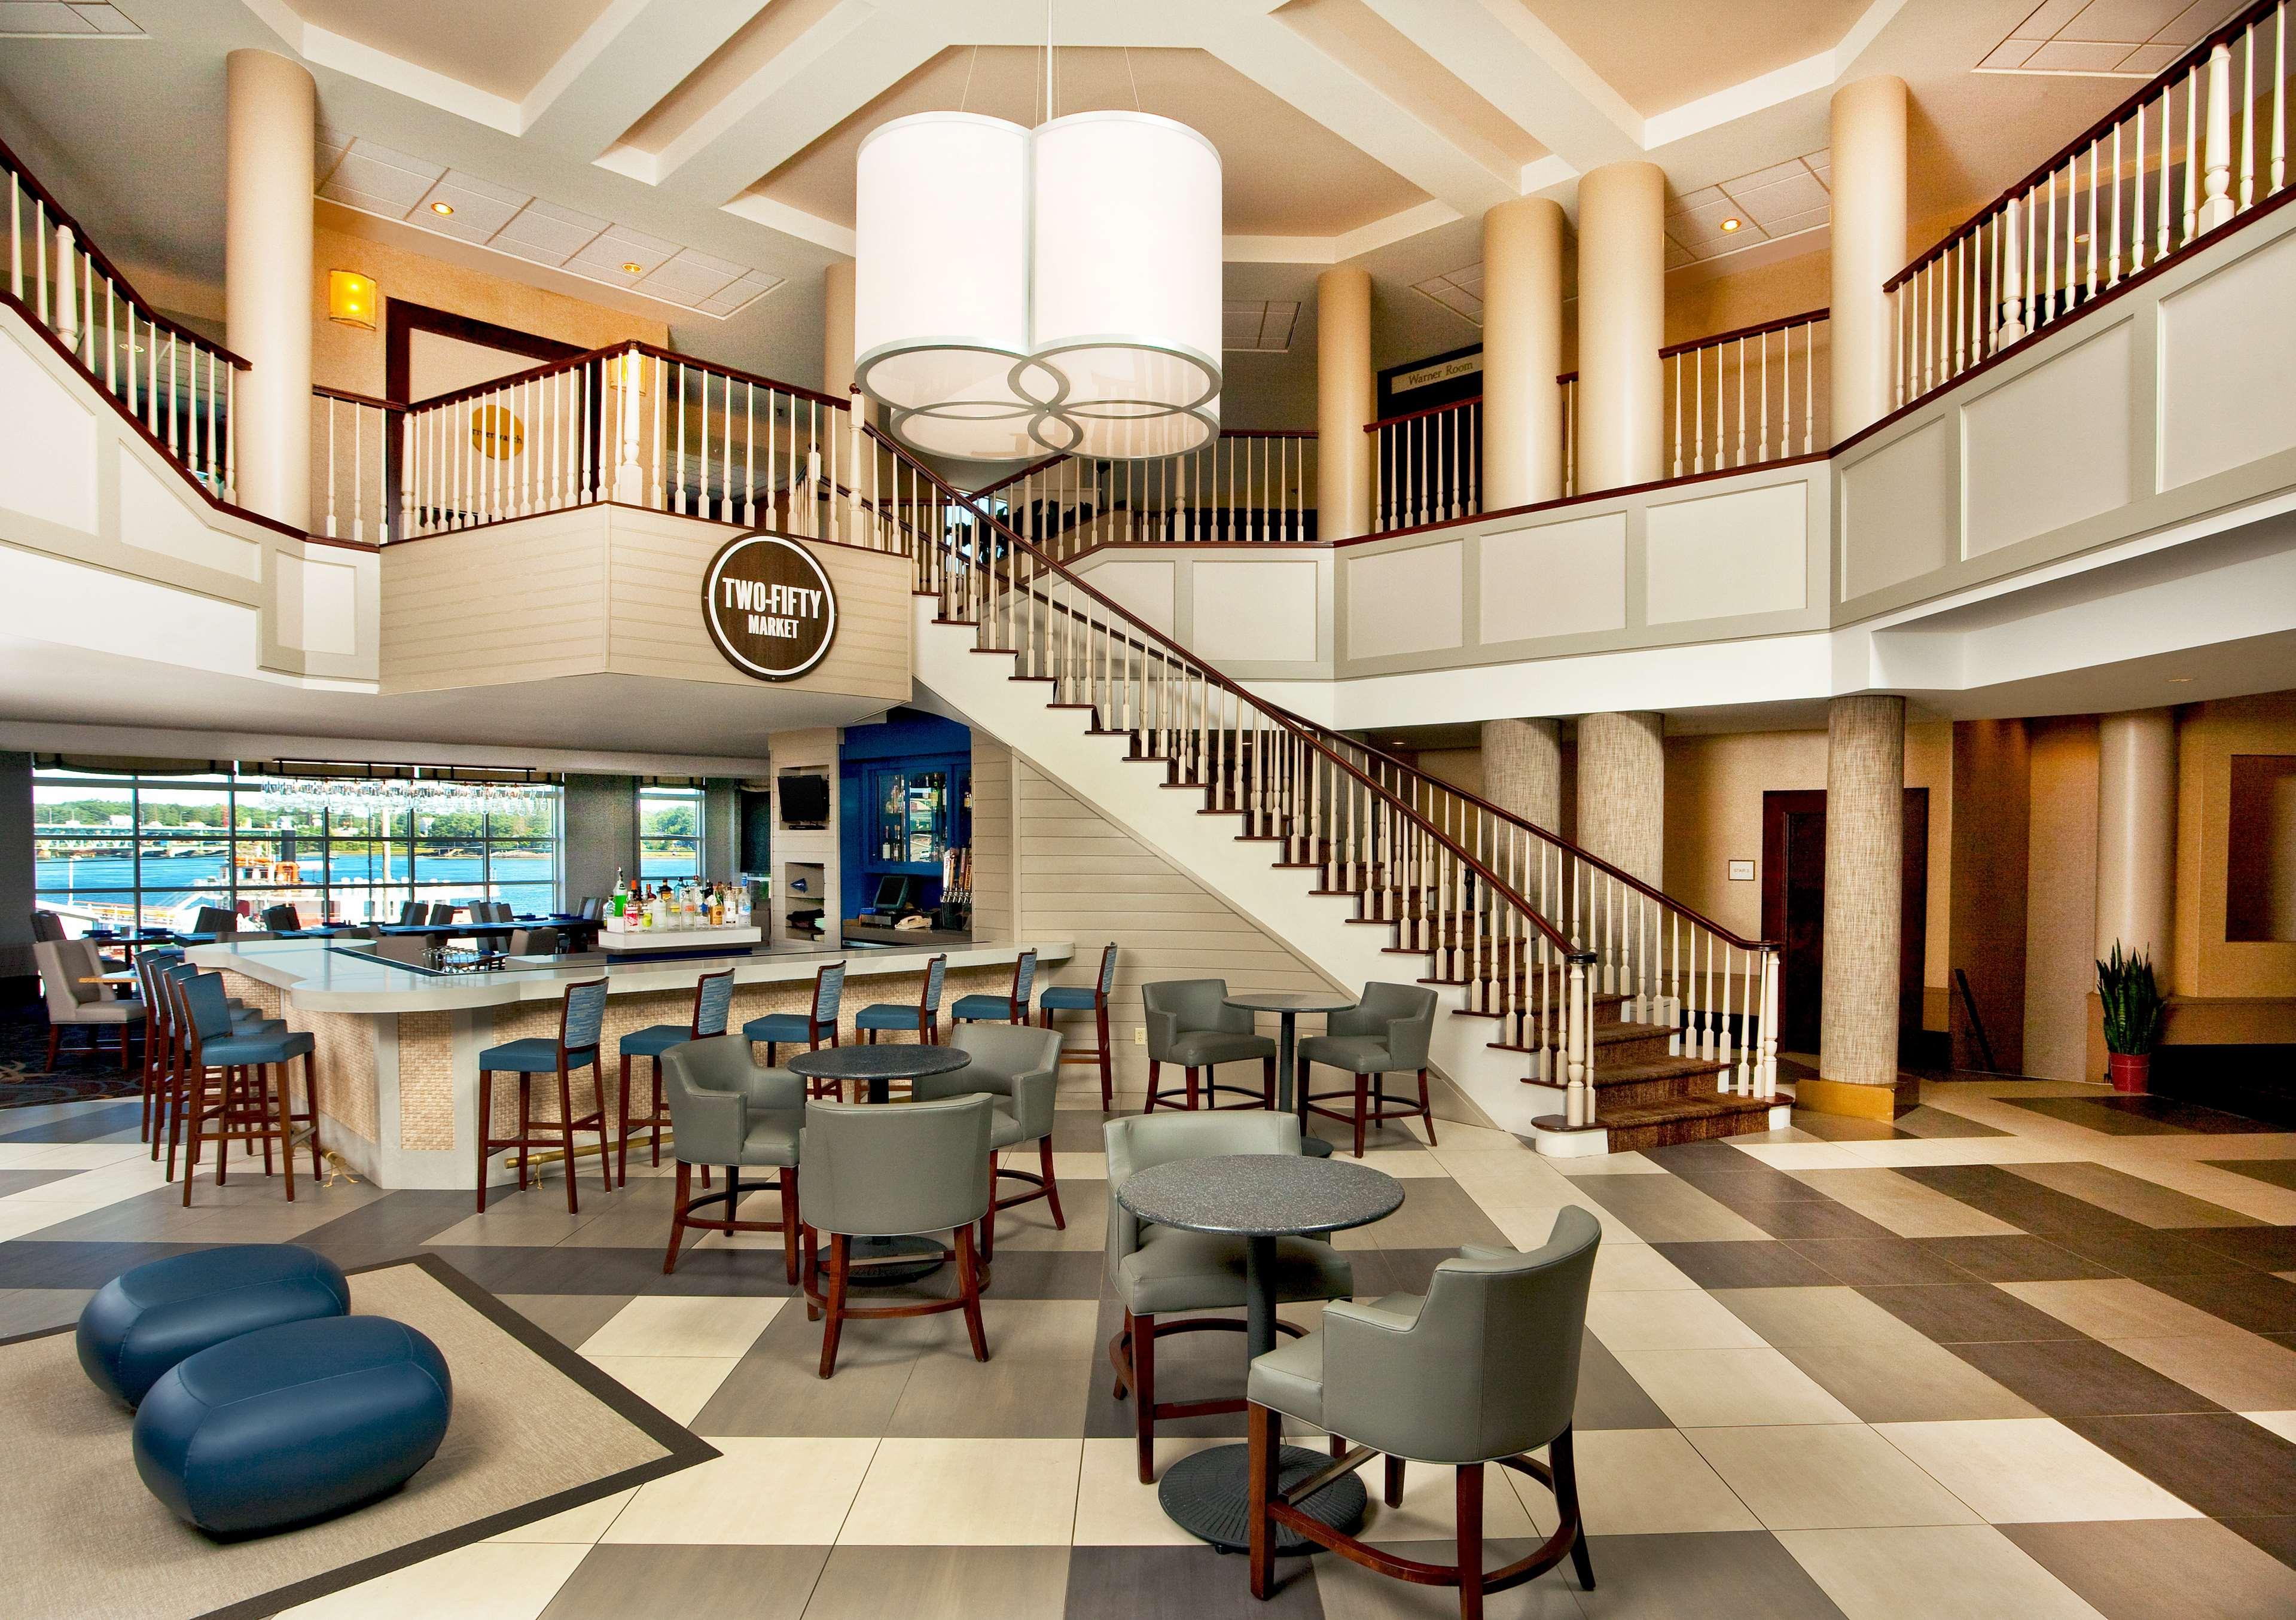 Sheraton Portsmouth Harborside Hotel image 8